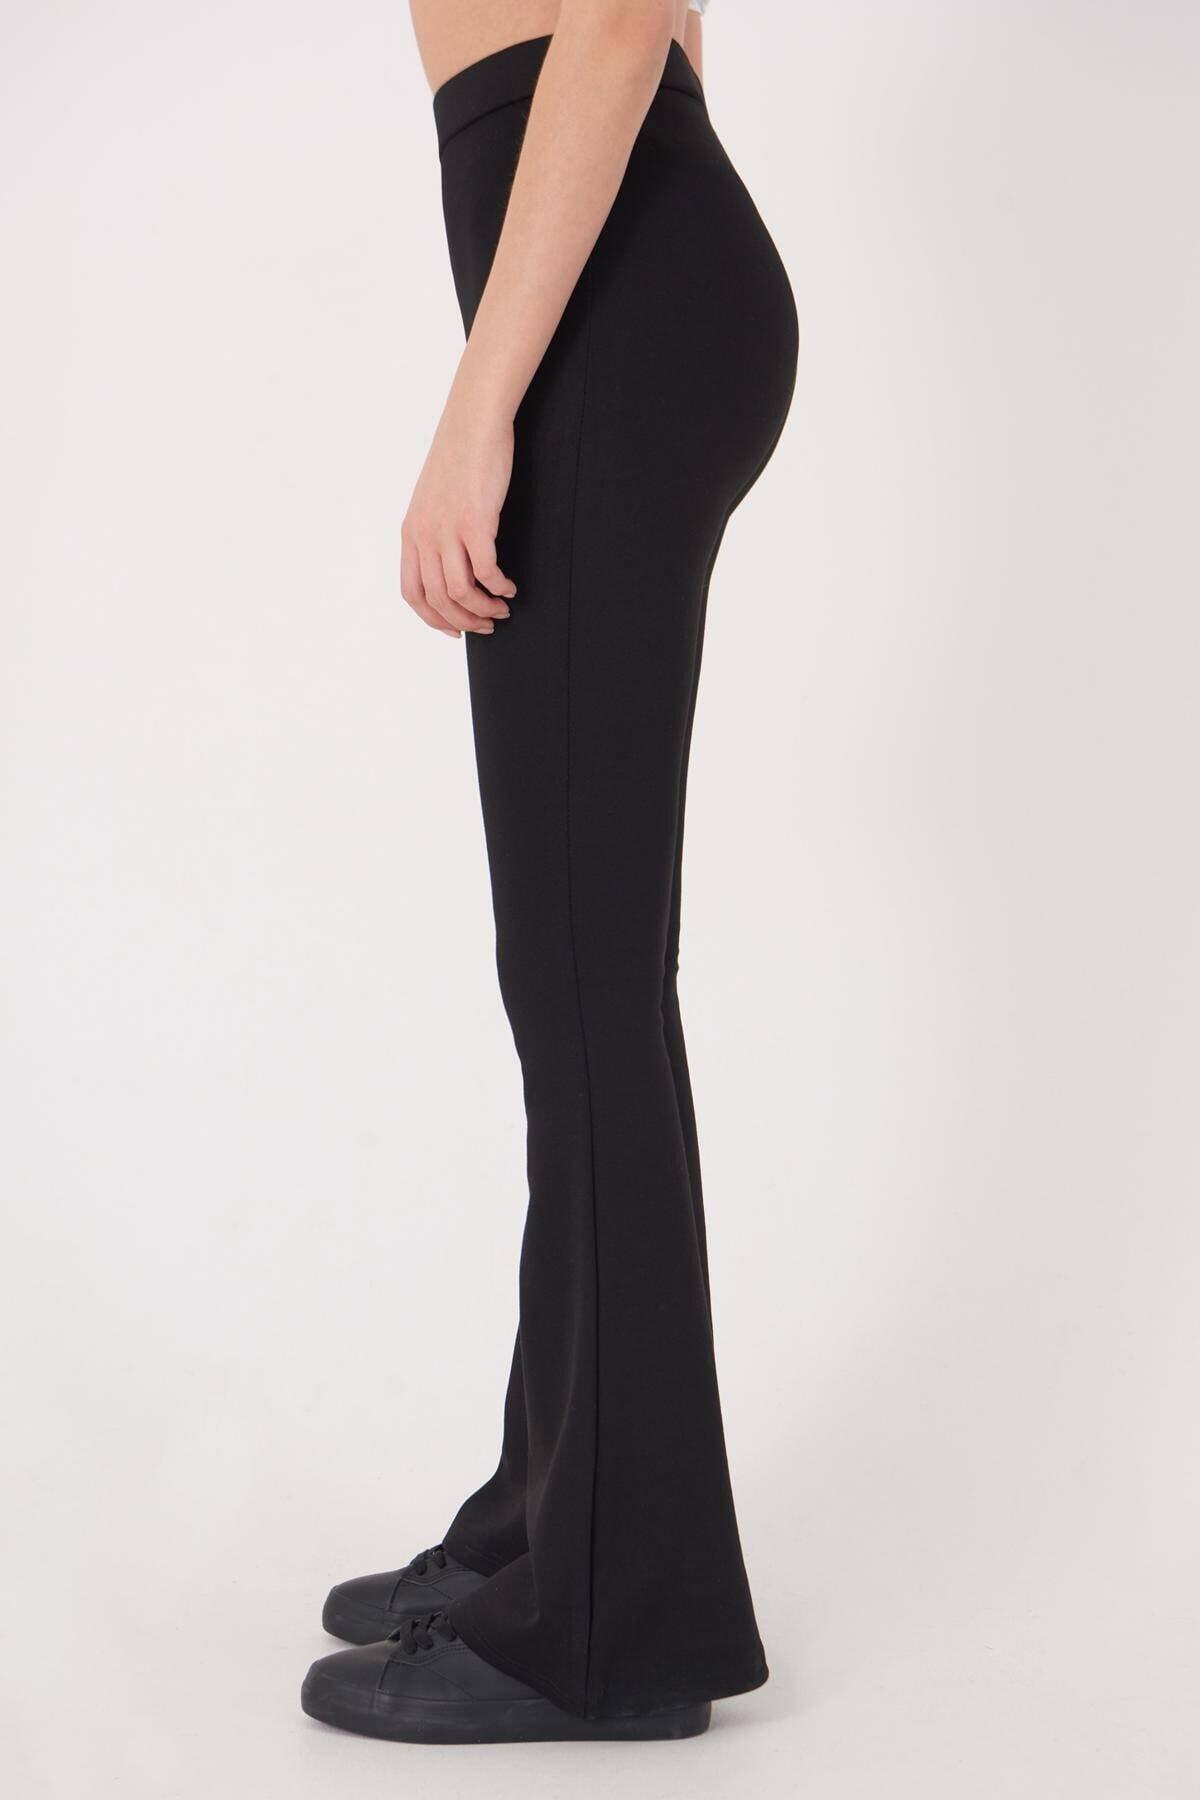 Addax Kadın Siyah İspanyol Paça Tayt Pantolon ADX-00012474 4